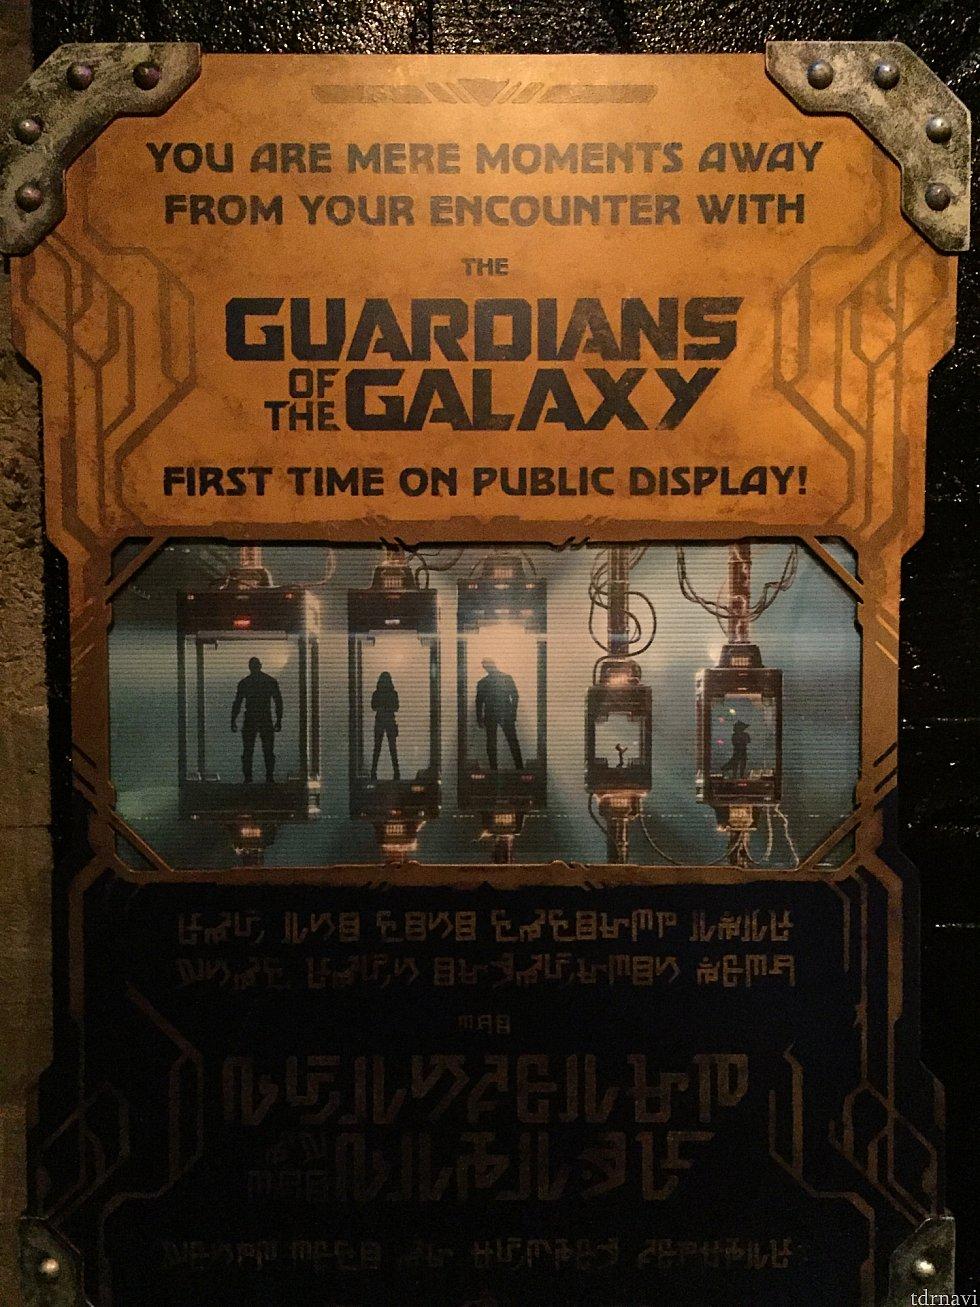 囚われた5人を助けるためエレベーターに乗ります!